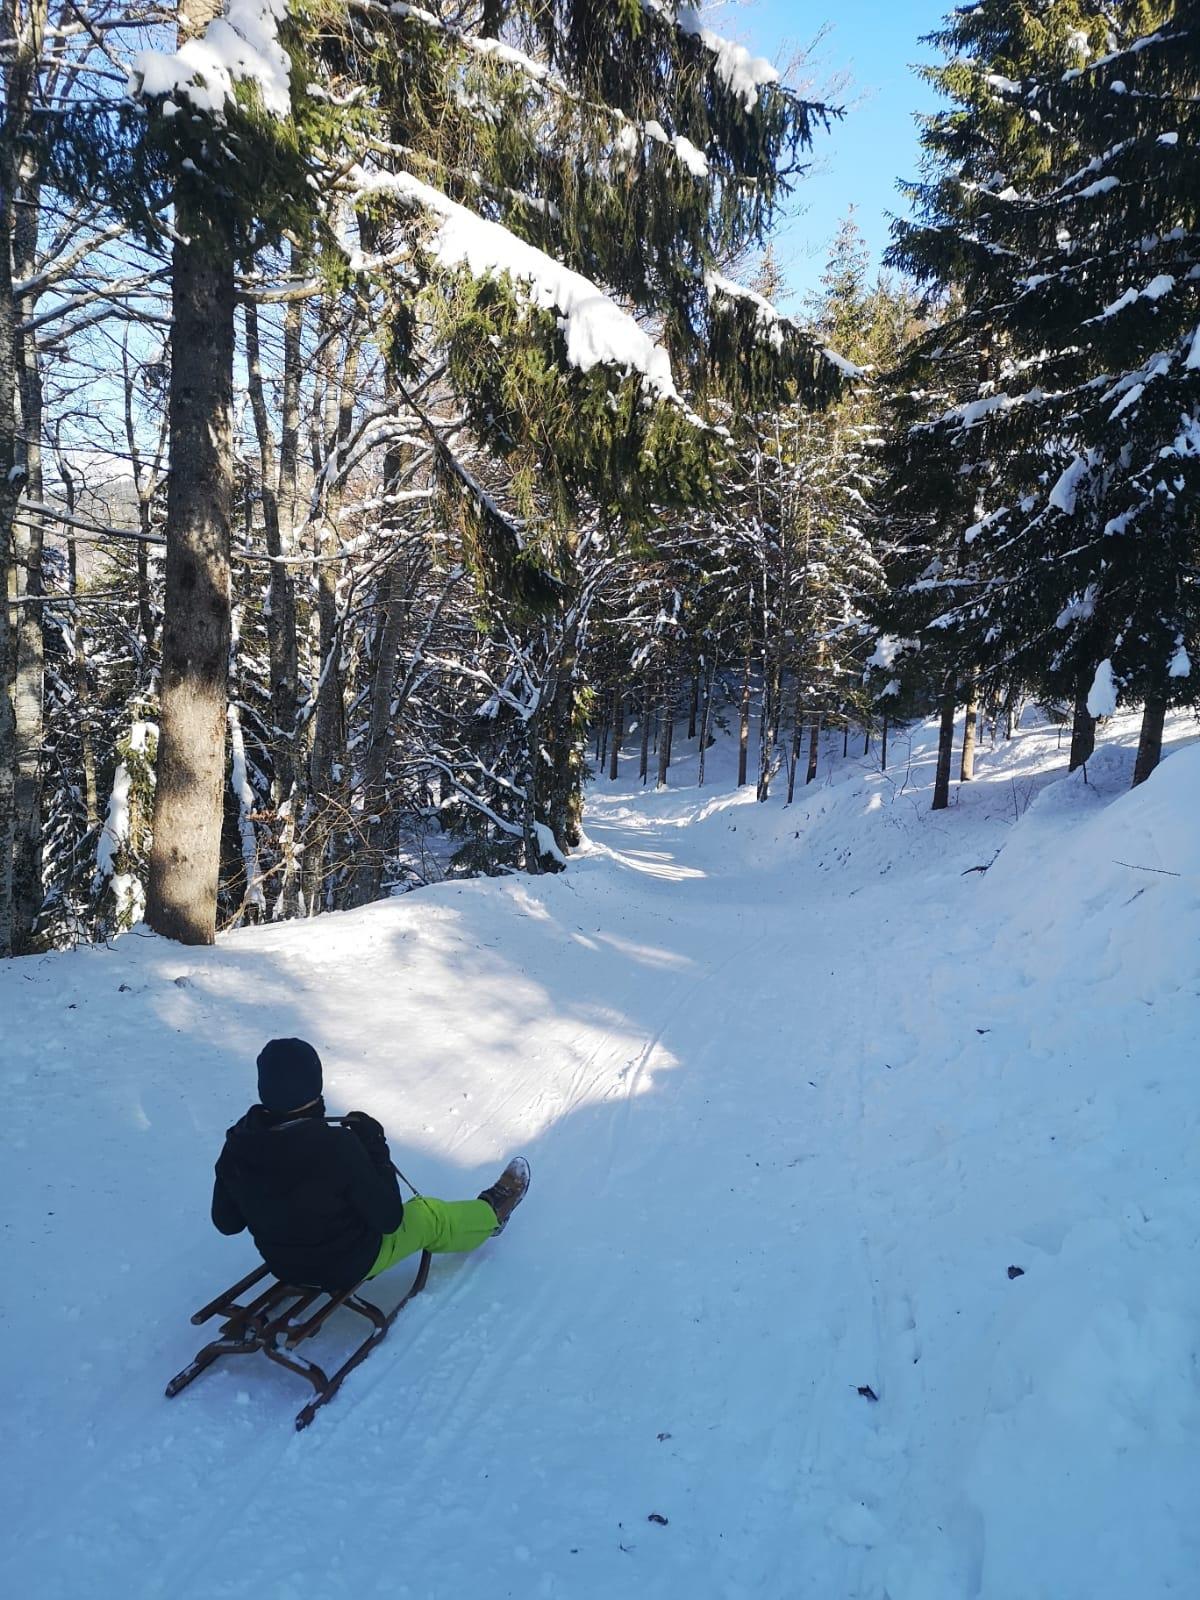 Svi ljubitelji snijega idu za vikend u Gorski kotar!